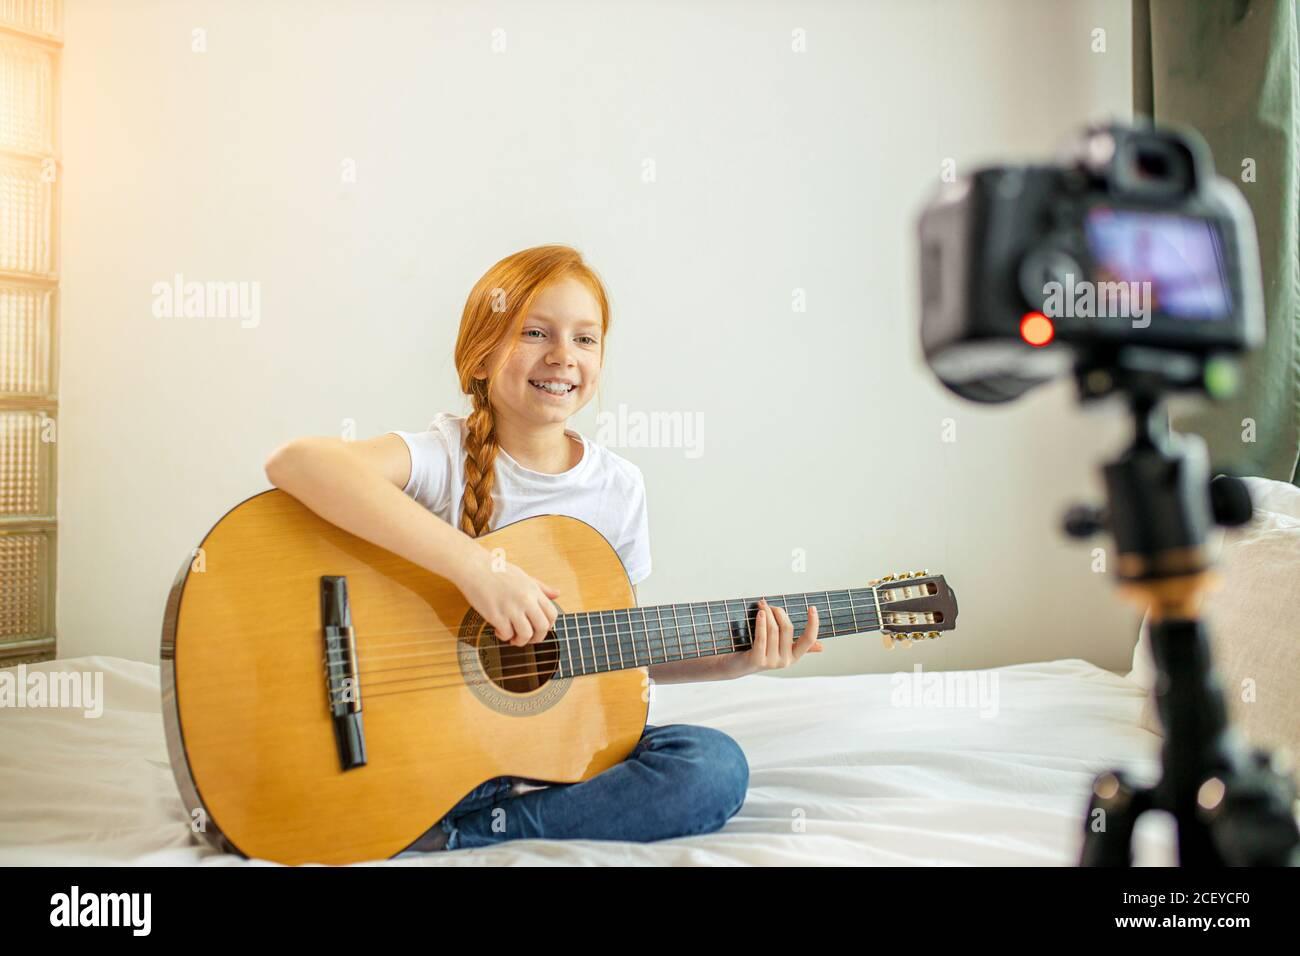 retrato de la hermosa niña caucásica blogger tocando la guitarra en la cámara. adorable chica sentada mostrando, realizando nueva melodía para los suscriptores. vl Foto de stock